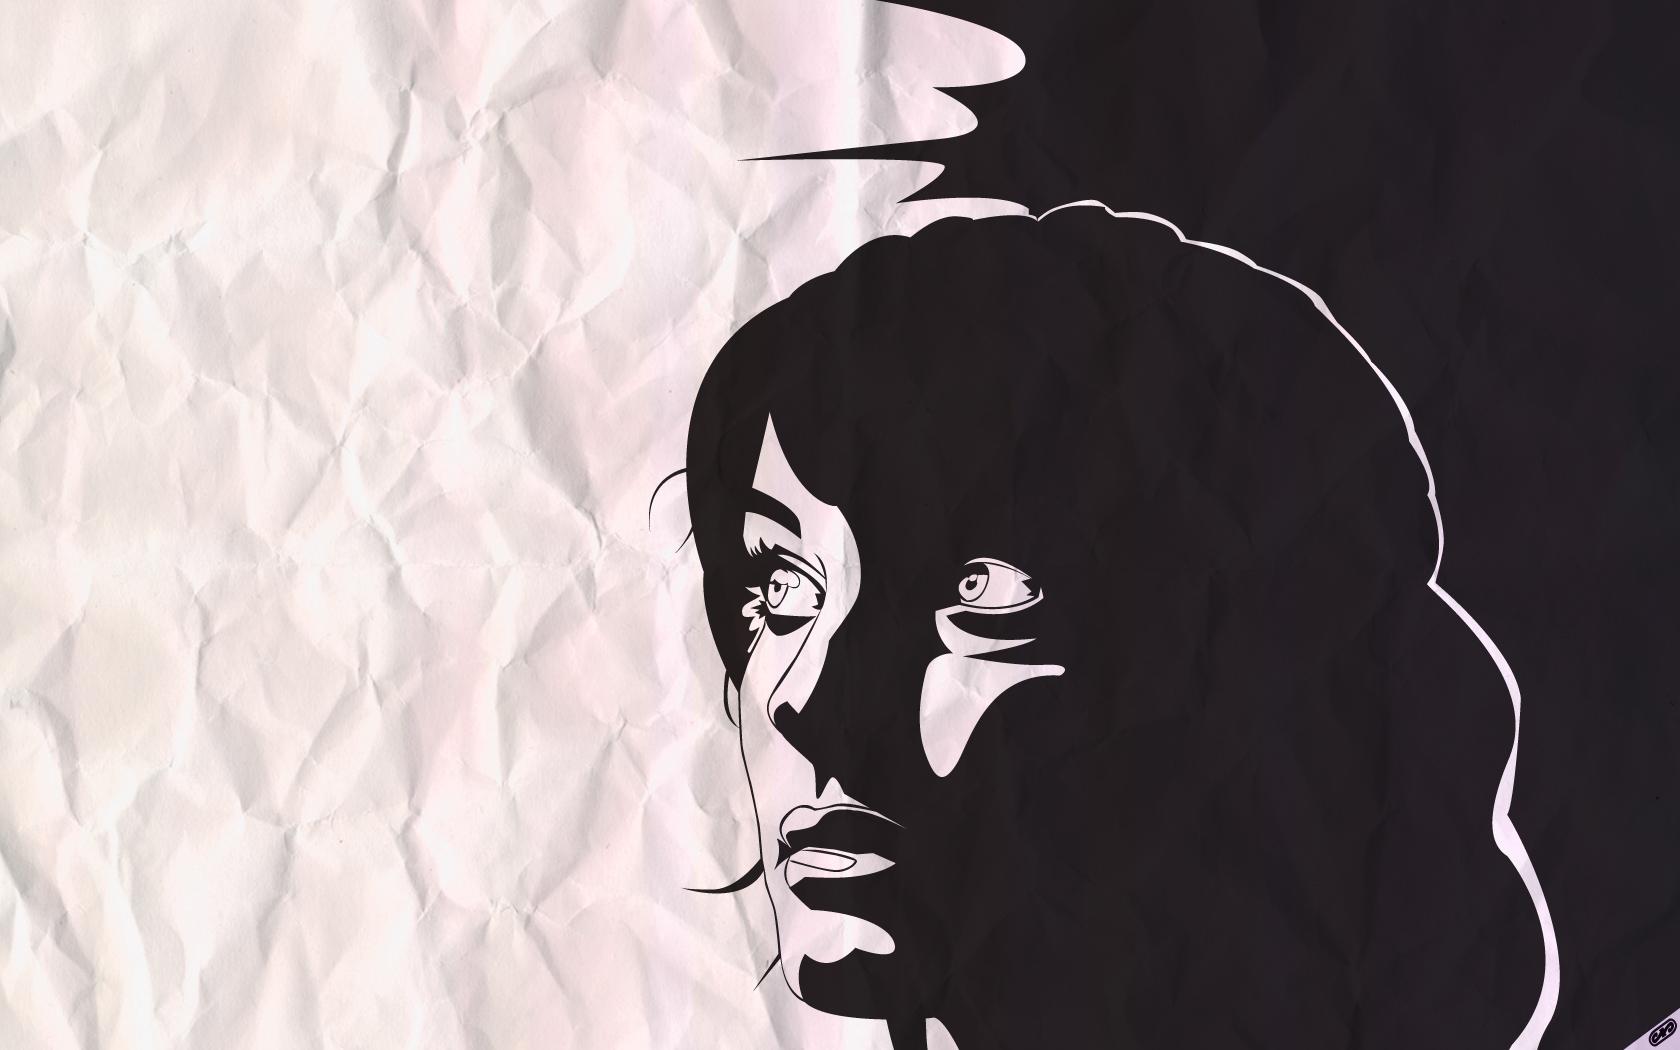 Portman Noir by NinjaKiller